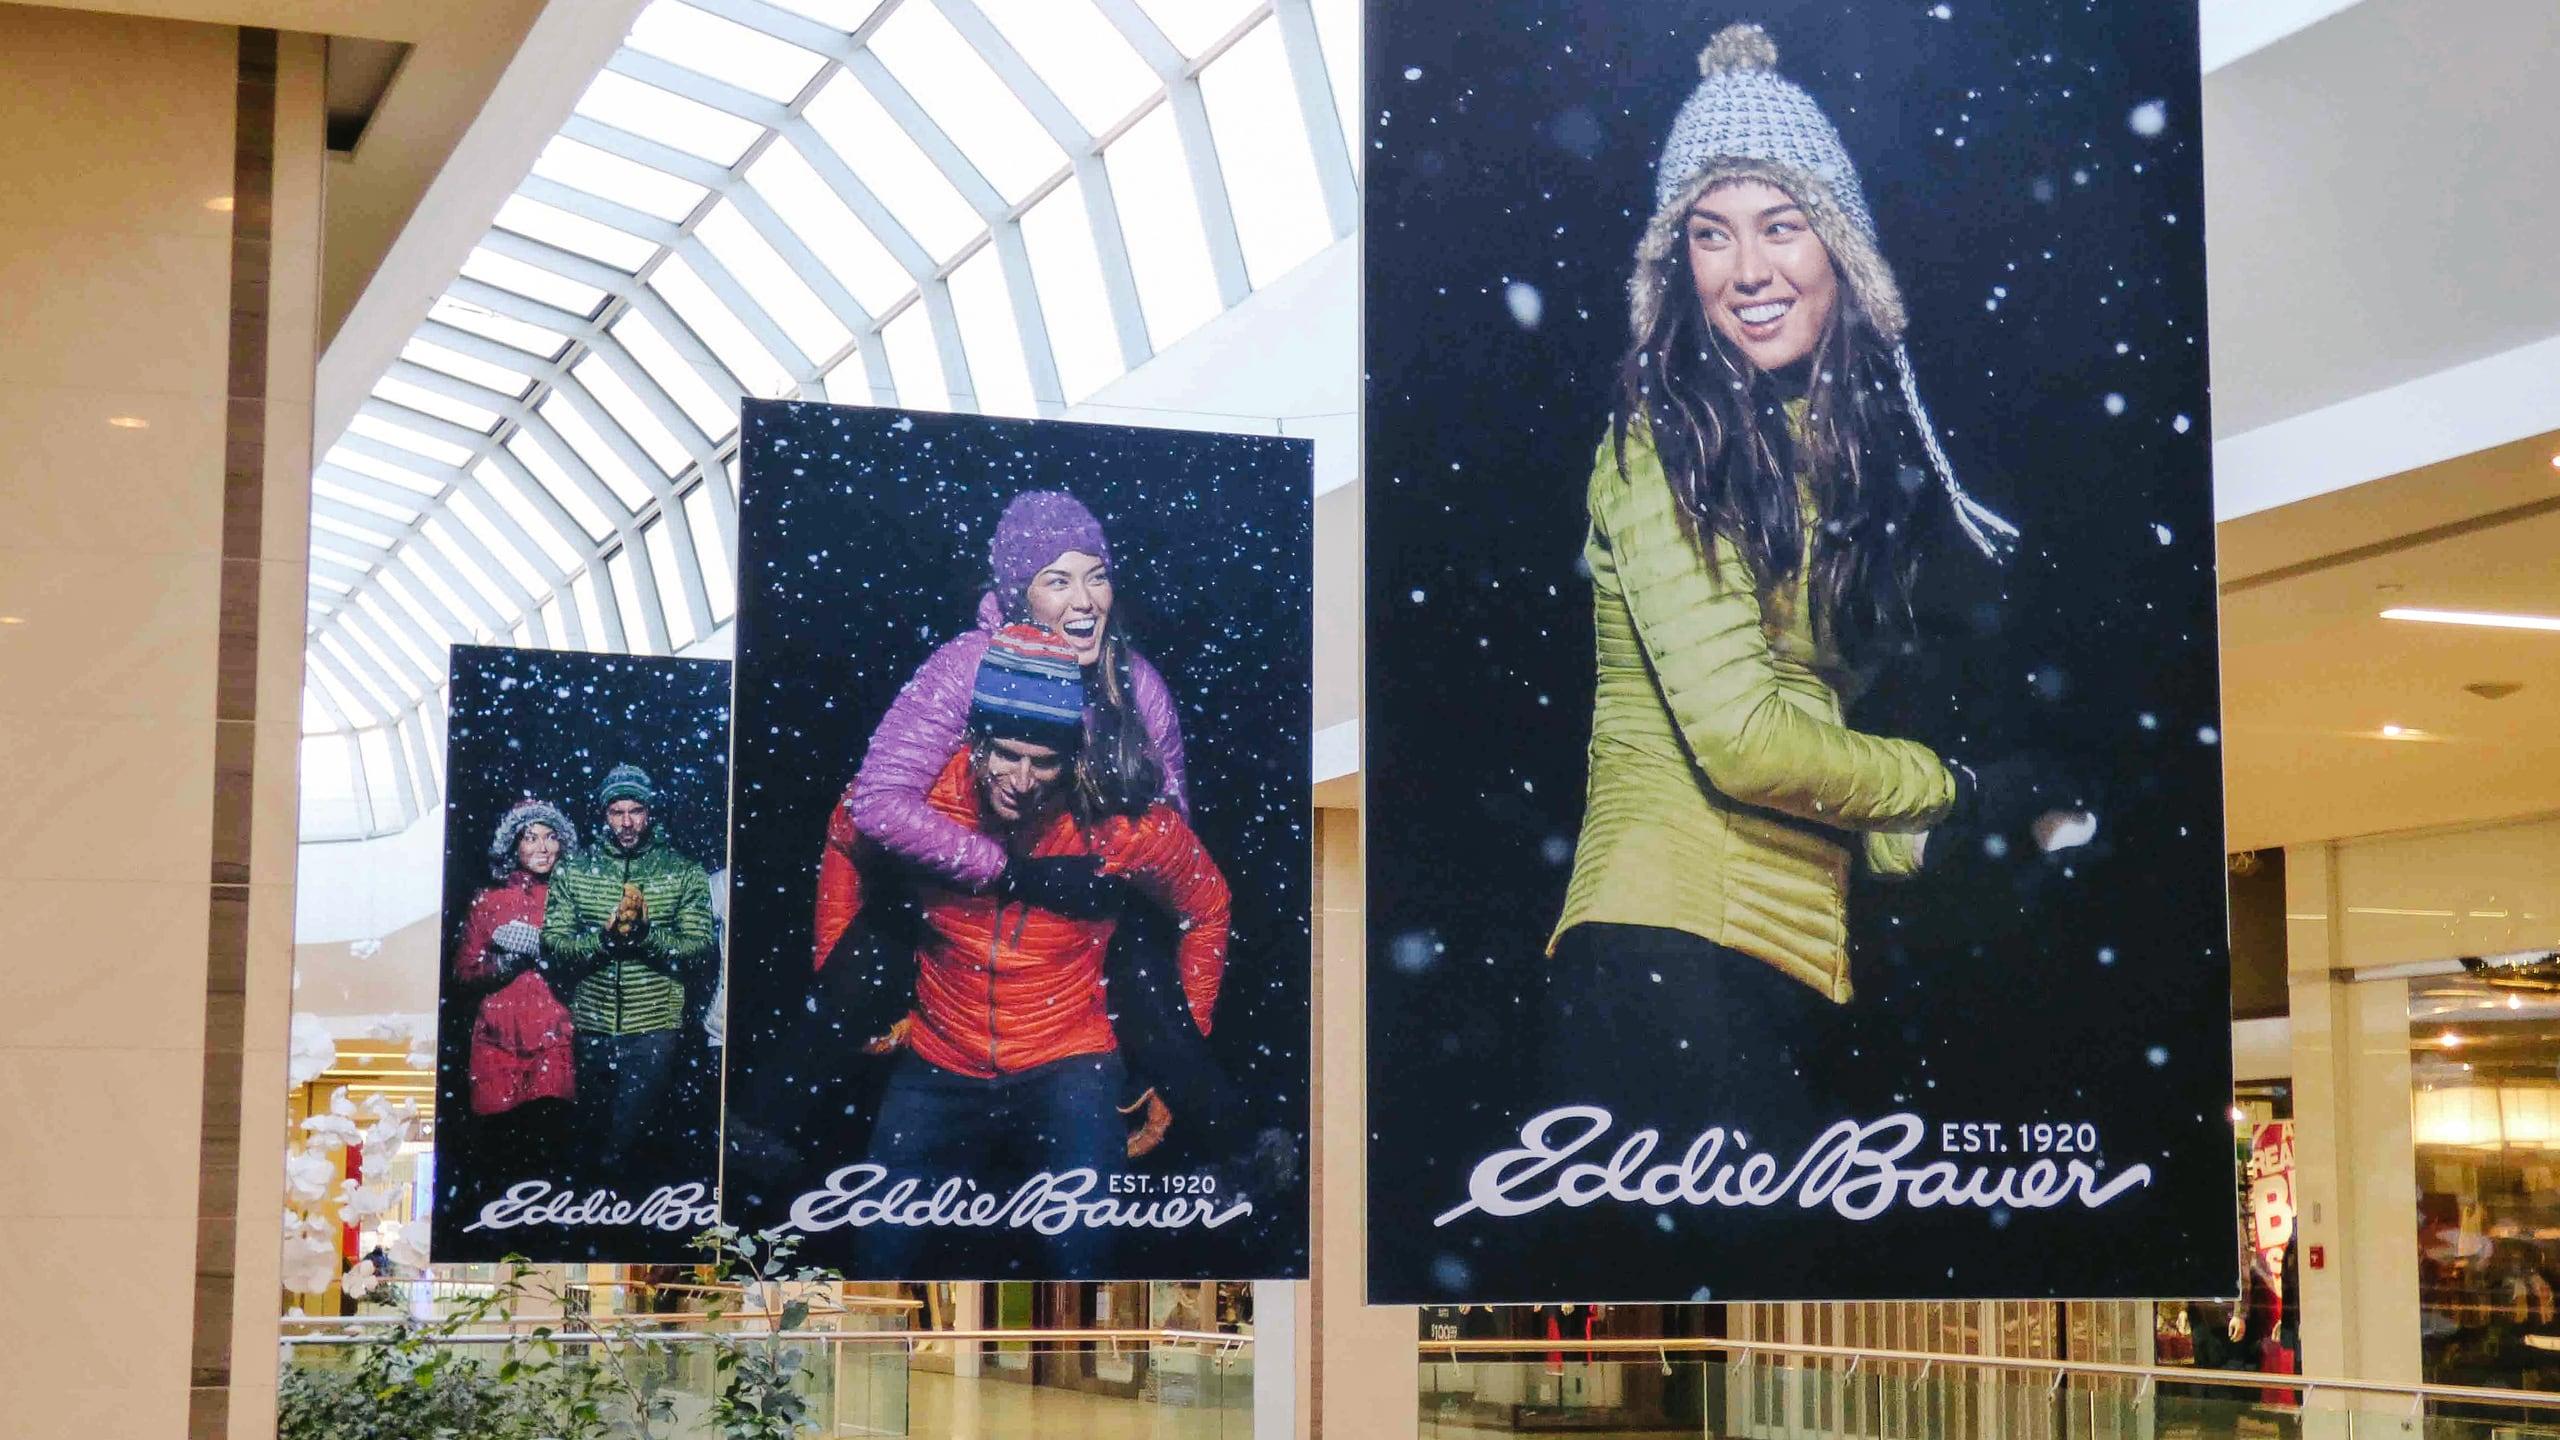 shopping-mall-ads-featuring-Eddie-Bauer-ads-Apparel_Accessories_Eddie_Bauer_West_Edmonton_Mall_Banners